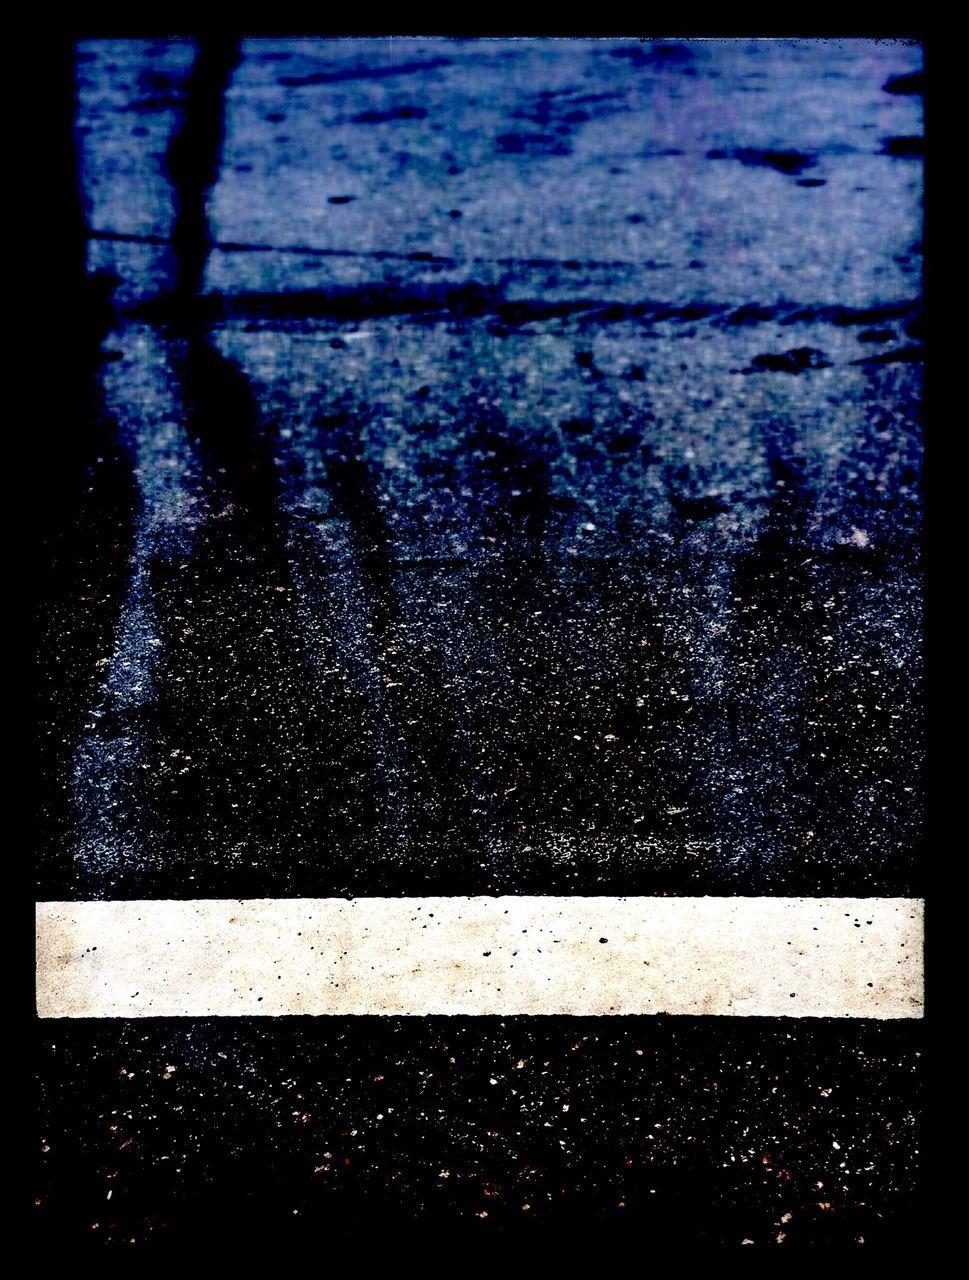 Full frame shot of wet street